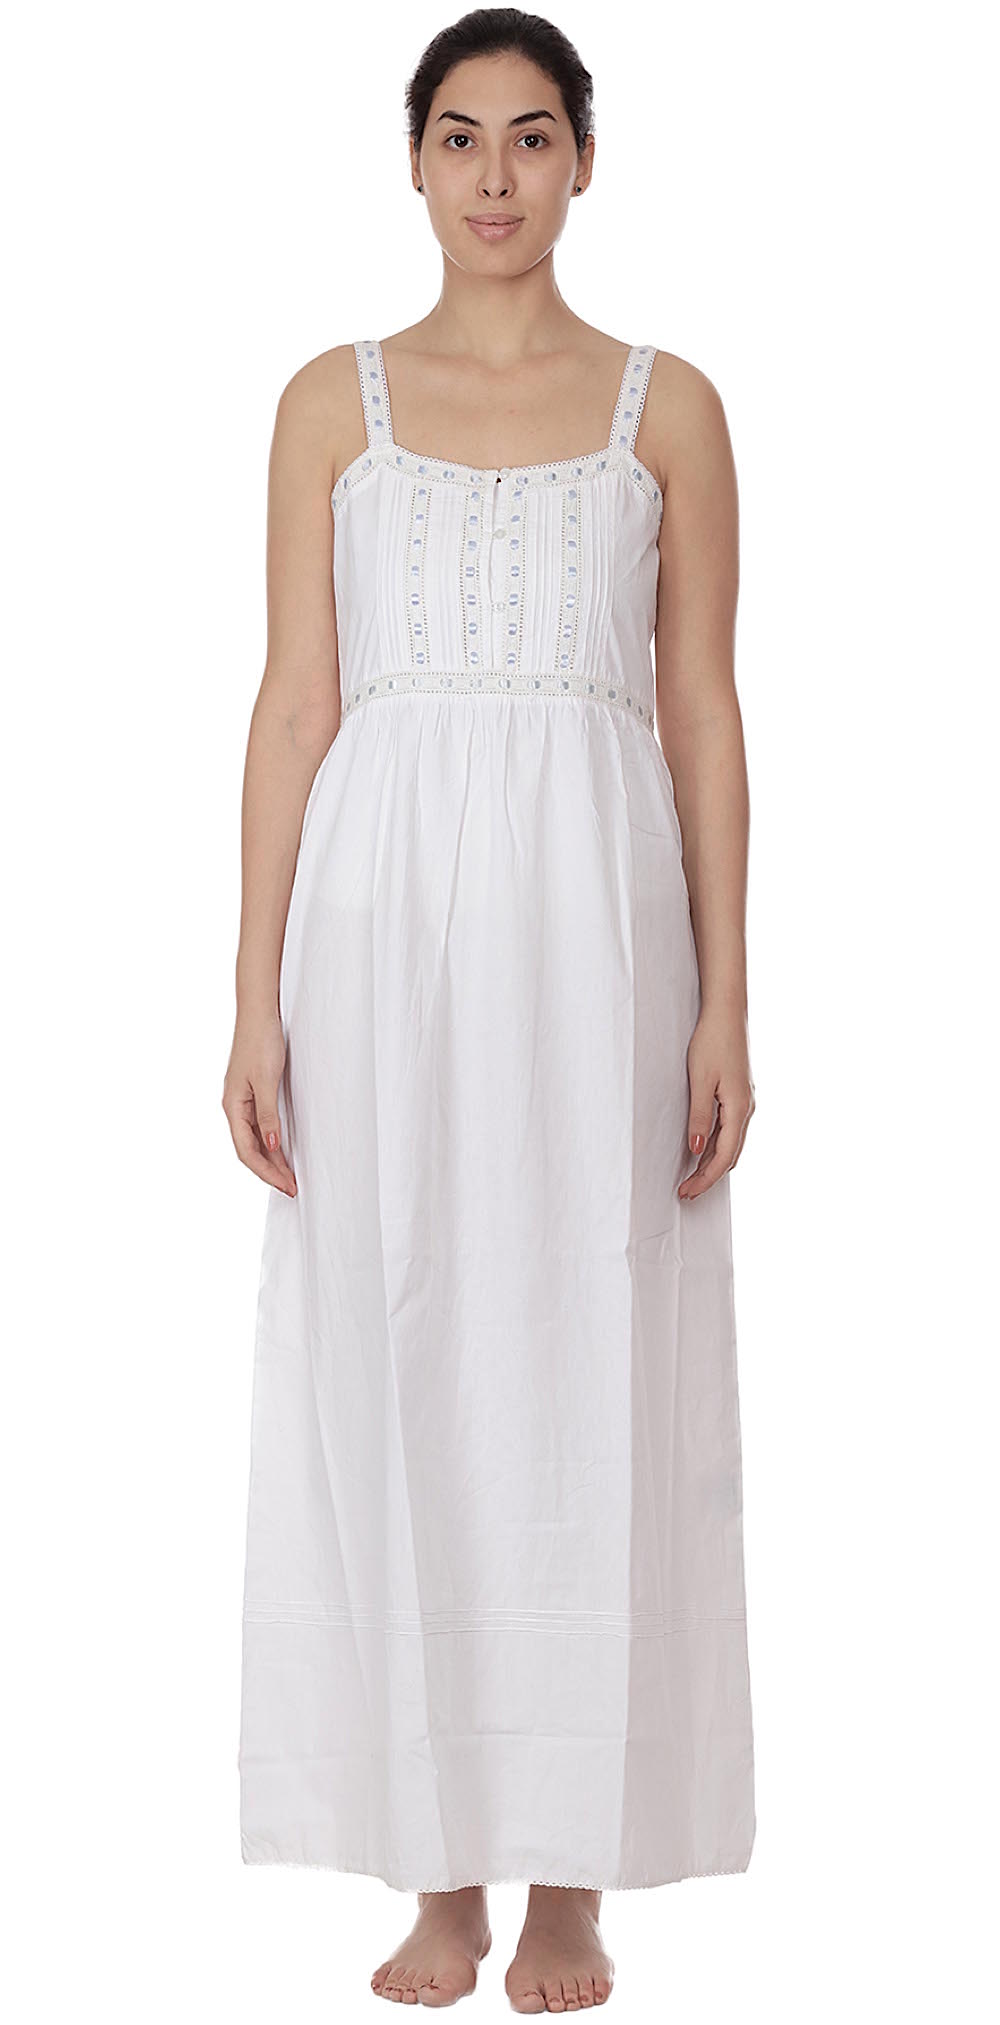 b8d7473114 White Cotton Victorian Vintage Nightdress | Cotton Lane | COTTON LANE